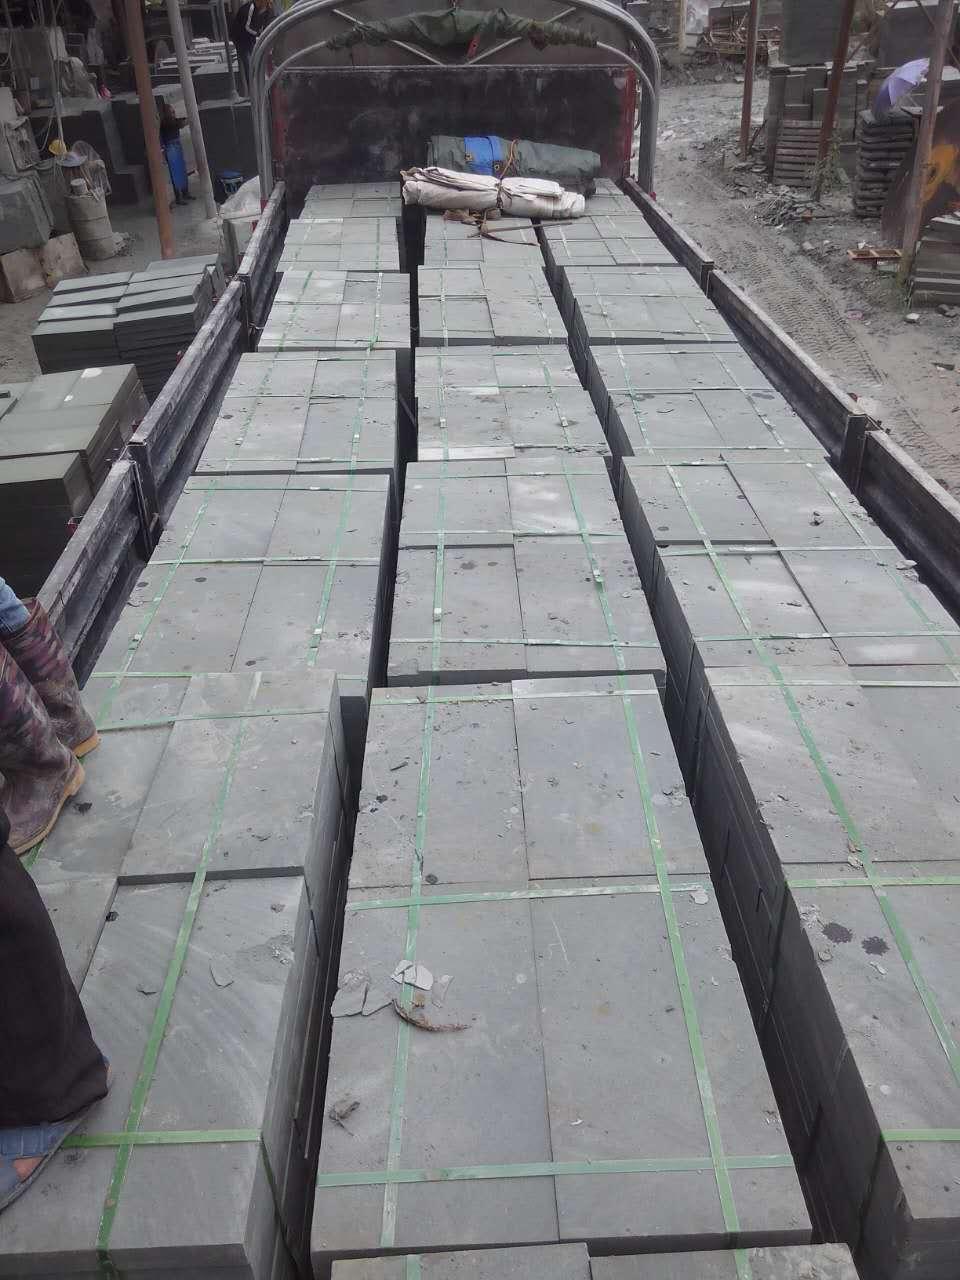 浅谈石材工业的发展前景